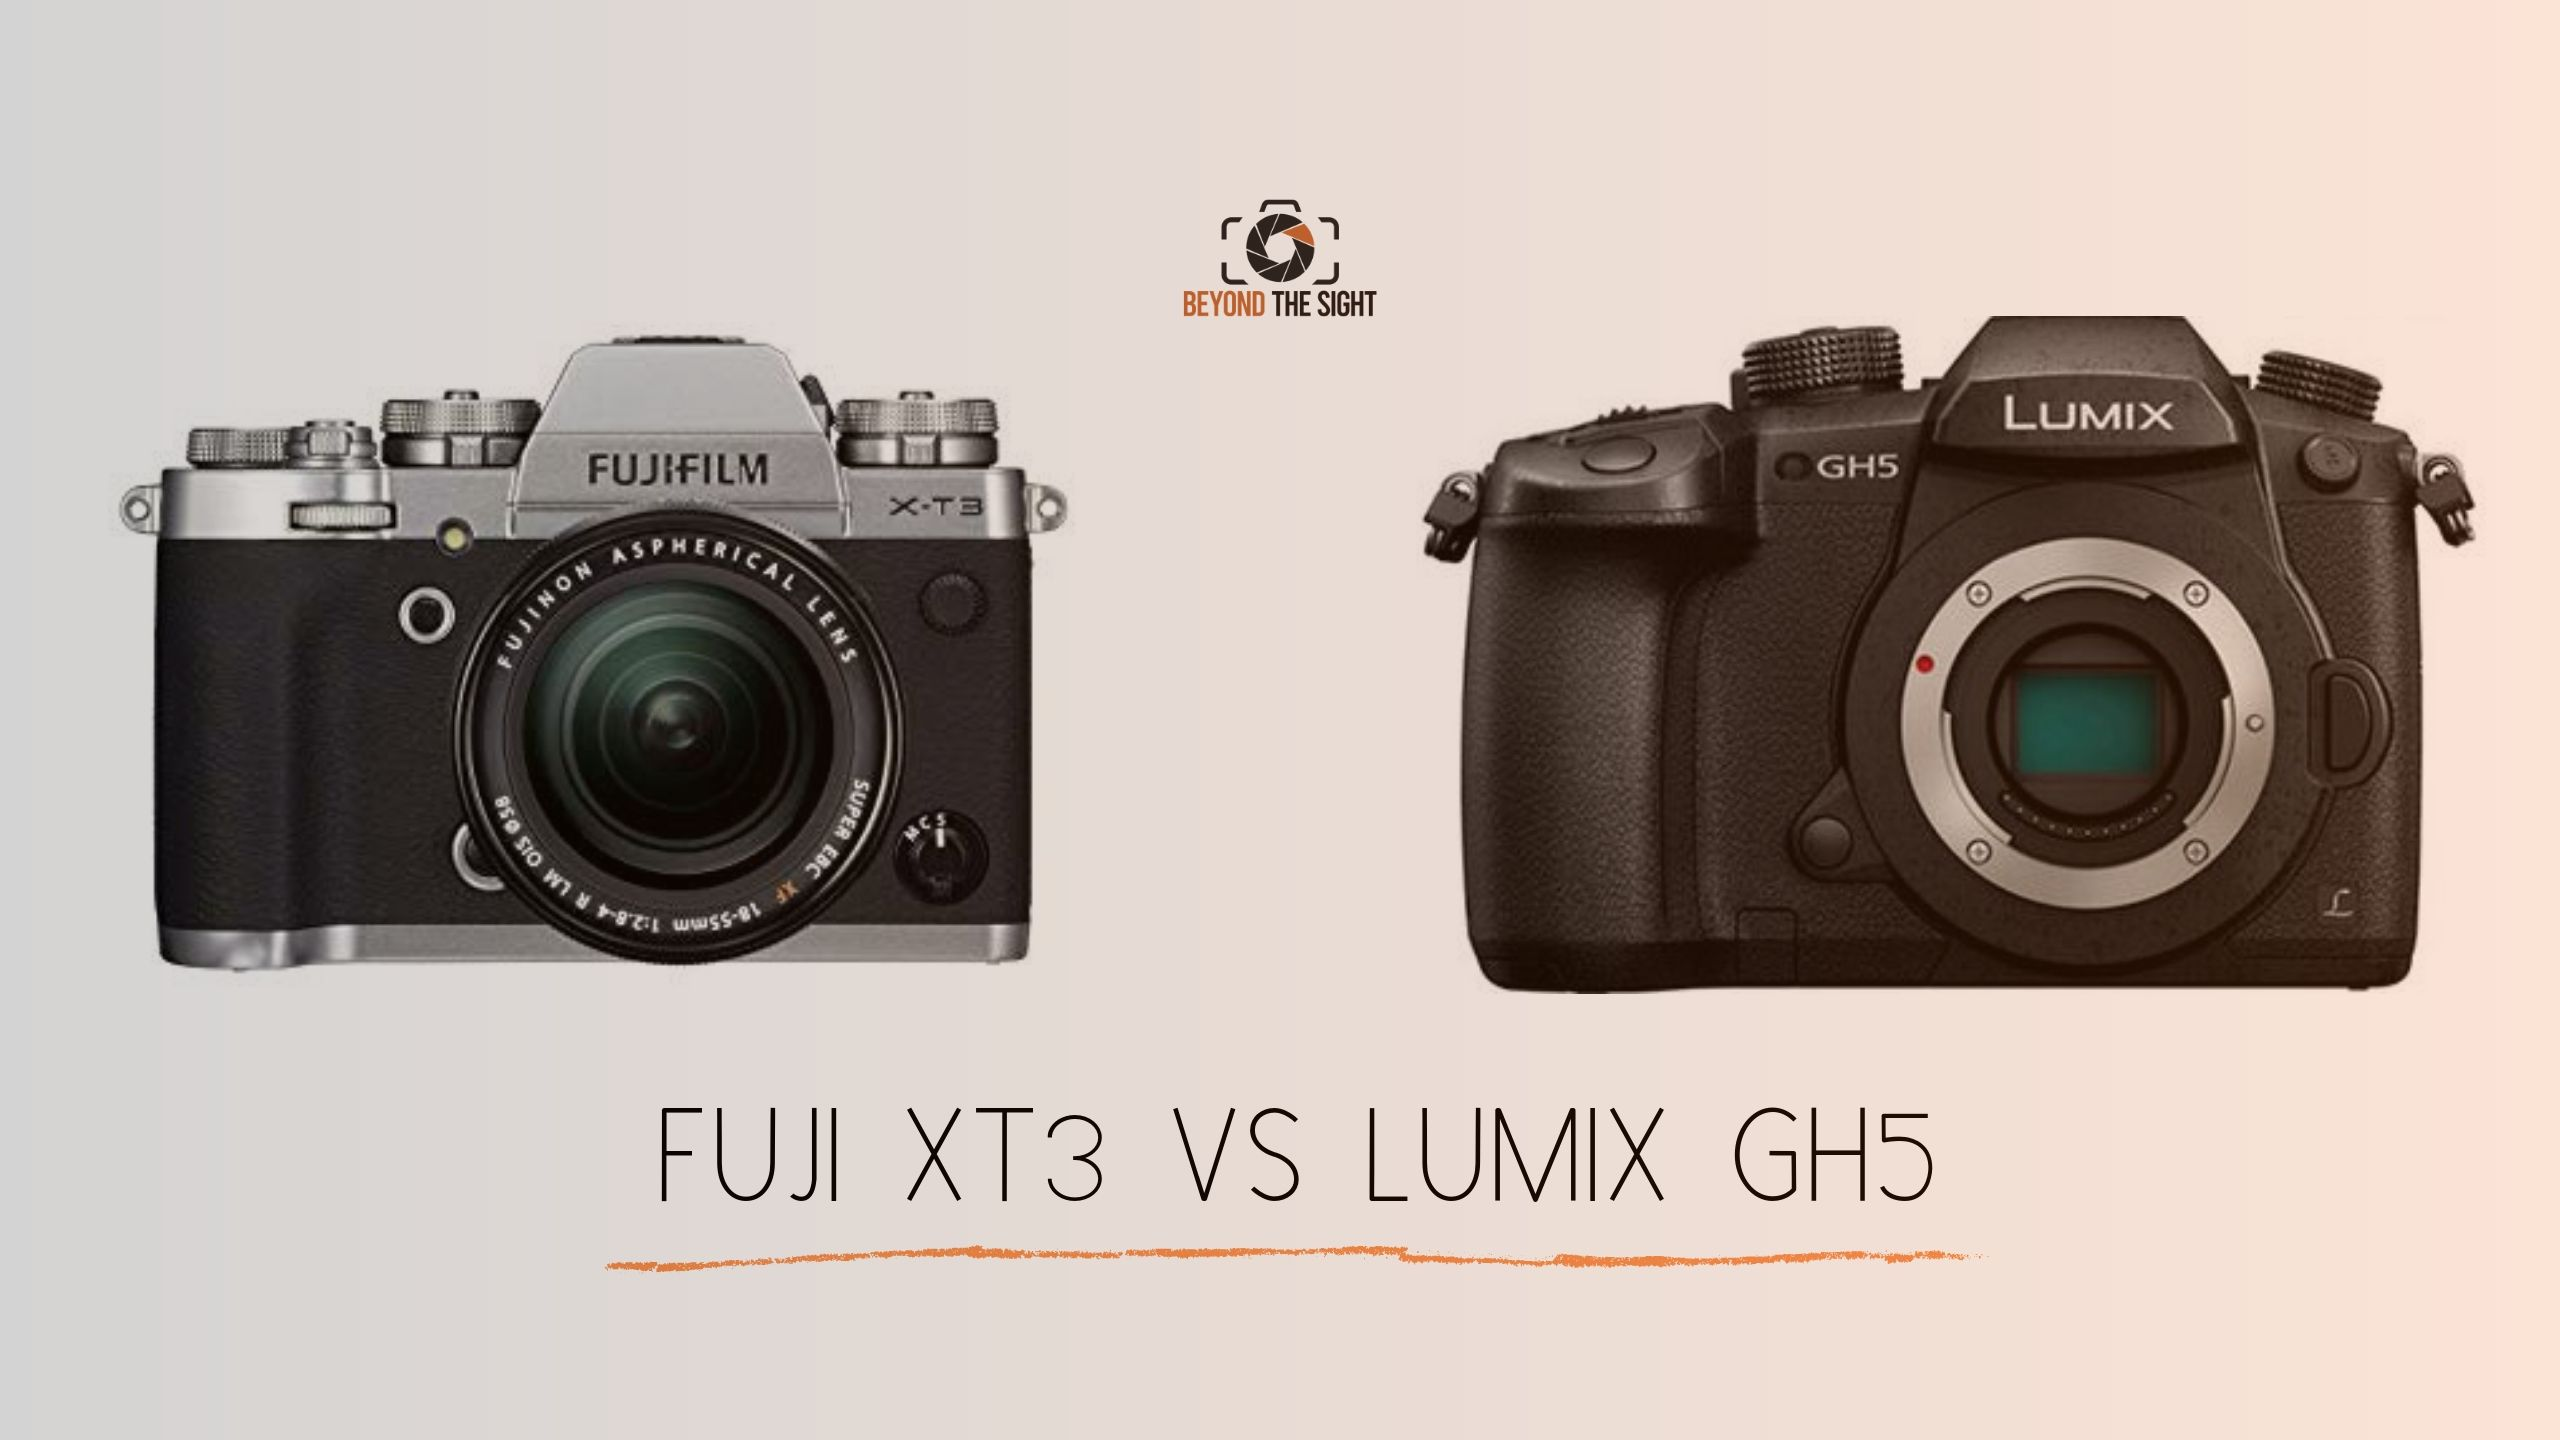 Panasonic Lumix GH5 vs Fujifilm XT3